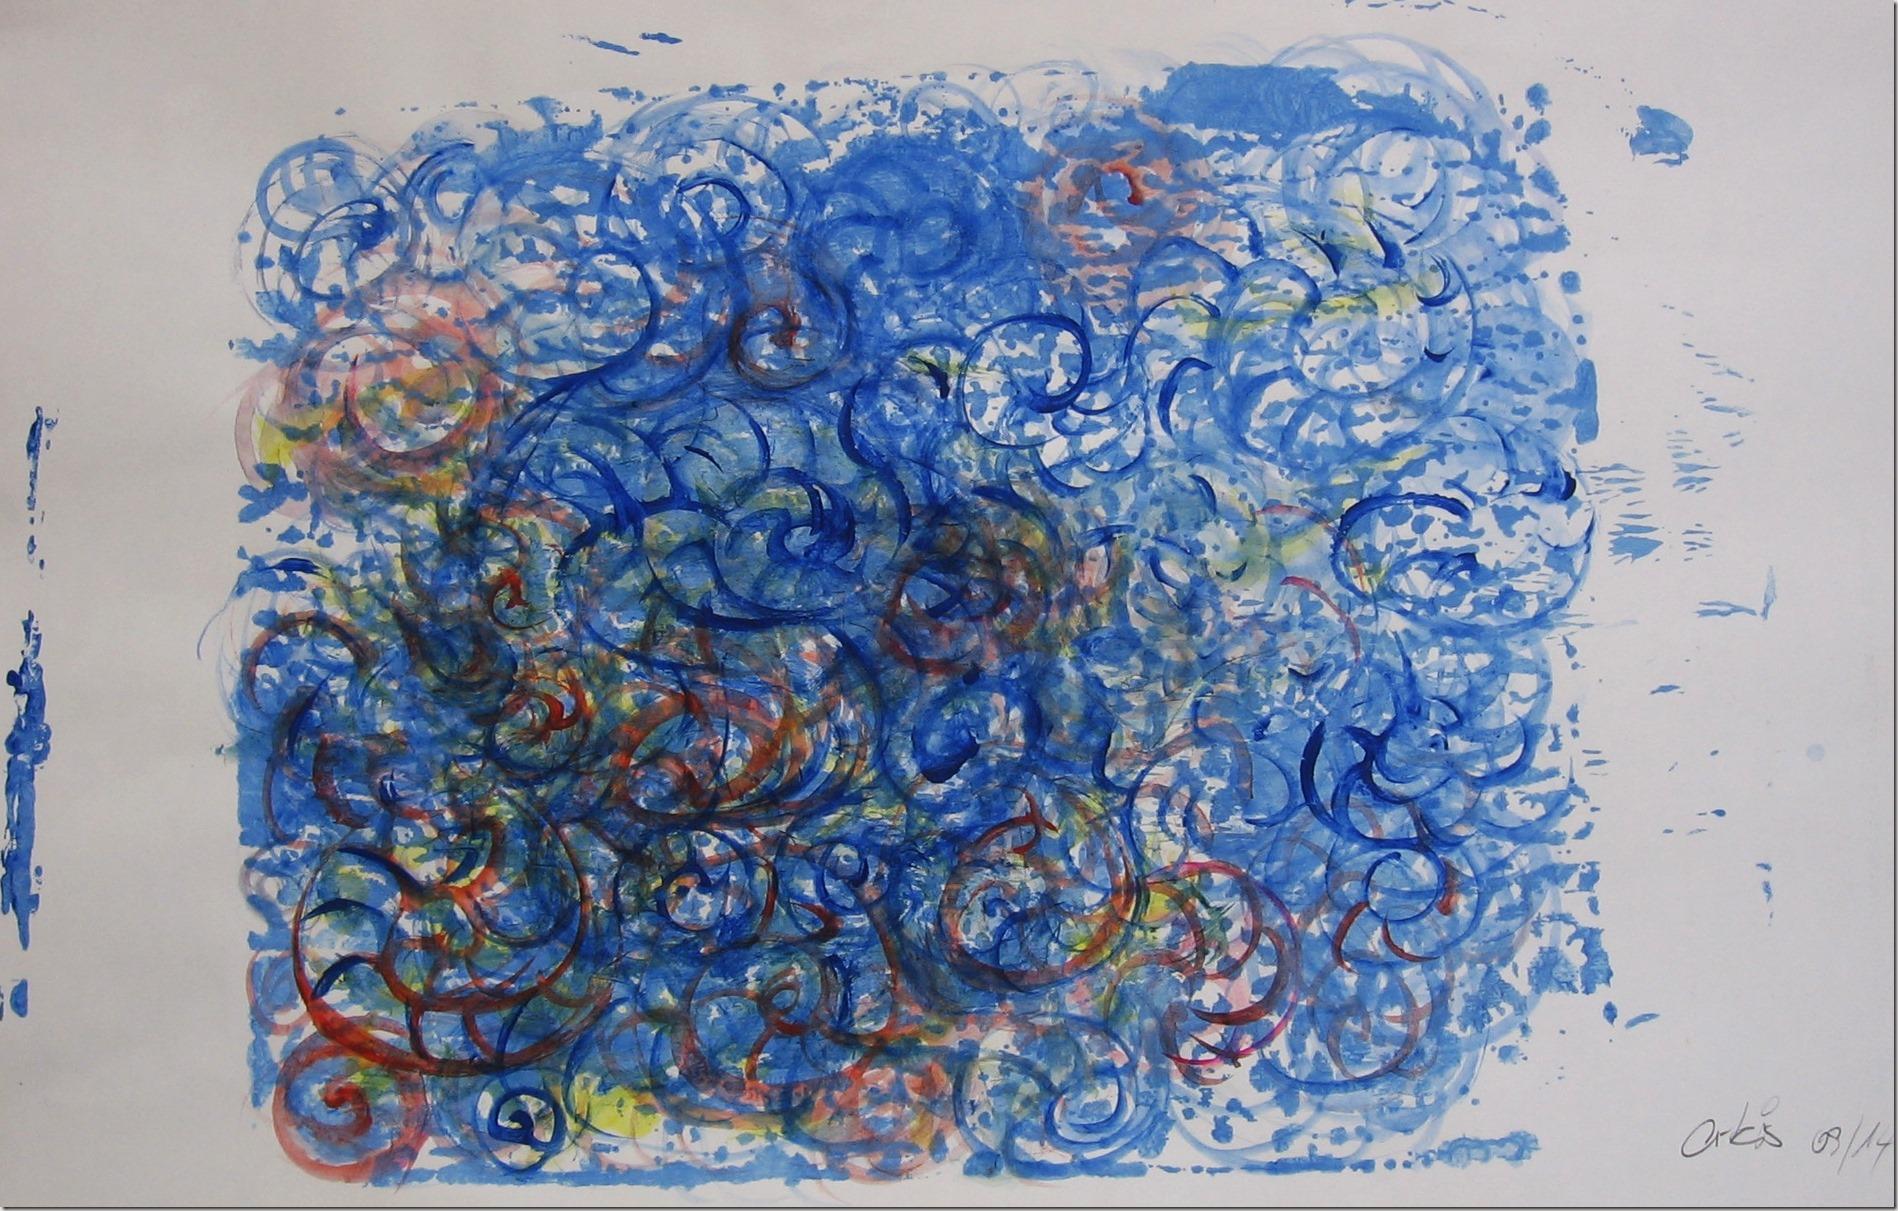 urmeer-organismen-by-arkis-09-14